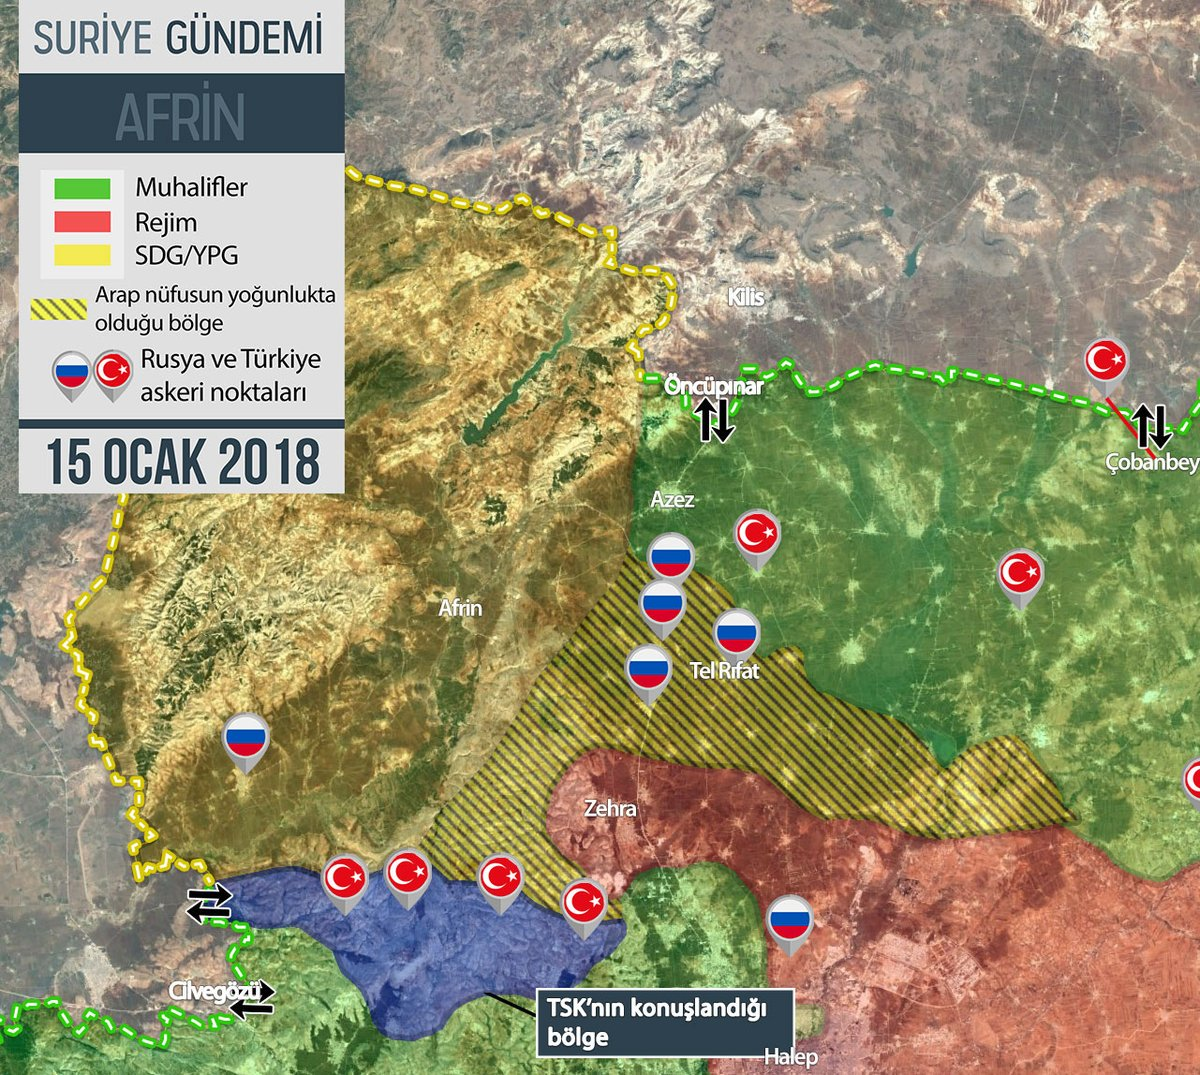 Κροταλίζουν τα αντιαεροπορικά των Κούρδων: Κατέρριψαν τουρκικό αεροσκάφος- 70 άρματα μάχης LEO-Sabra αγκιστρώθηκαν στα σύνορα με Αφρίν! - Εικόνα4